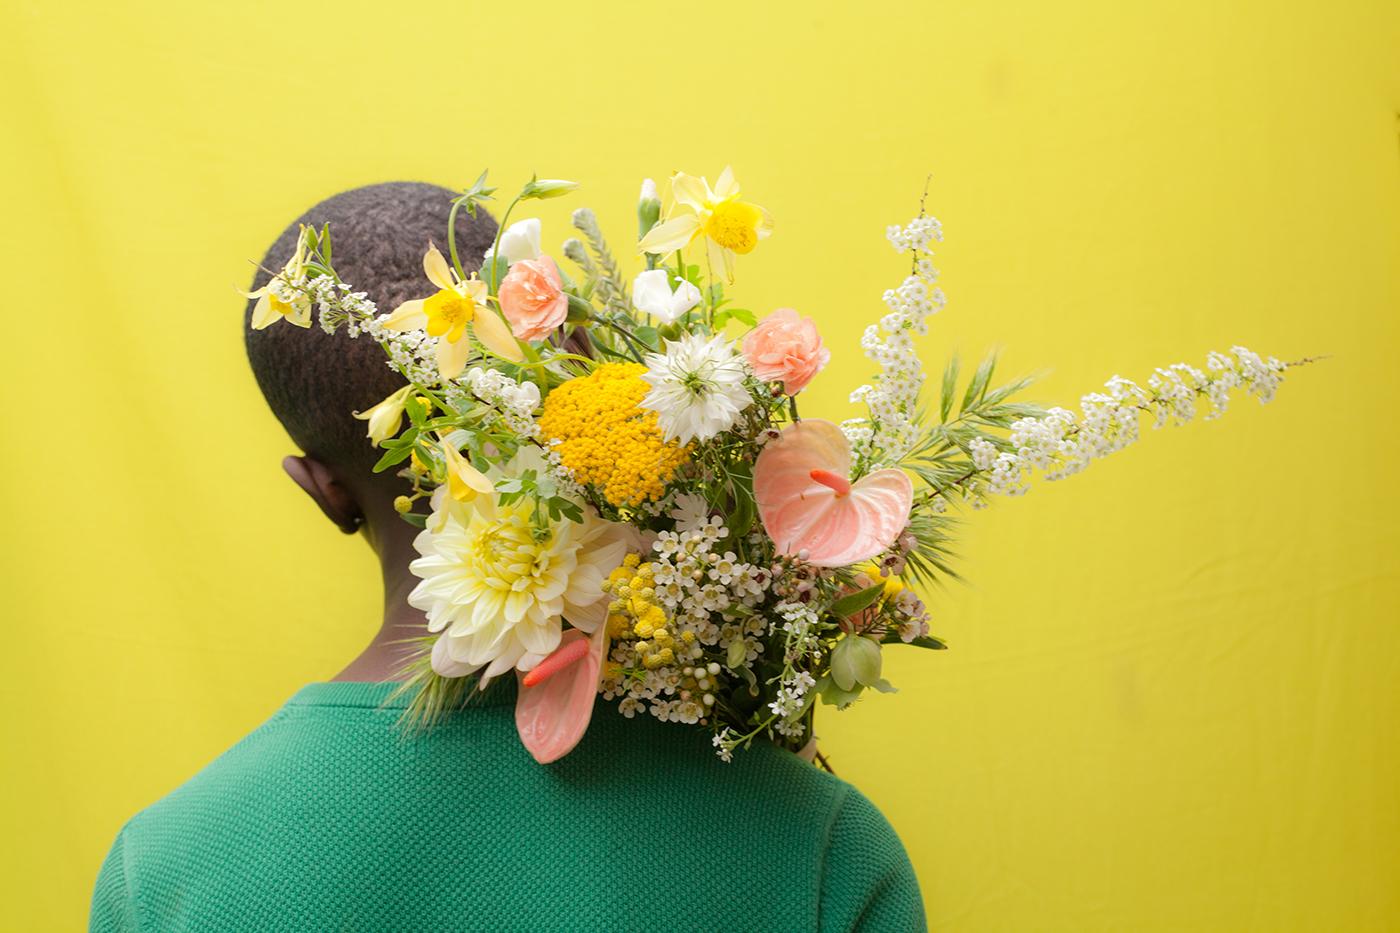 Gagnez 1 an de fleurs avec pampa paris - Fleur de pampa ...